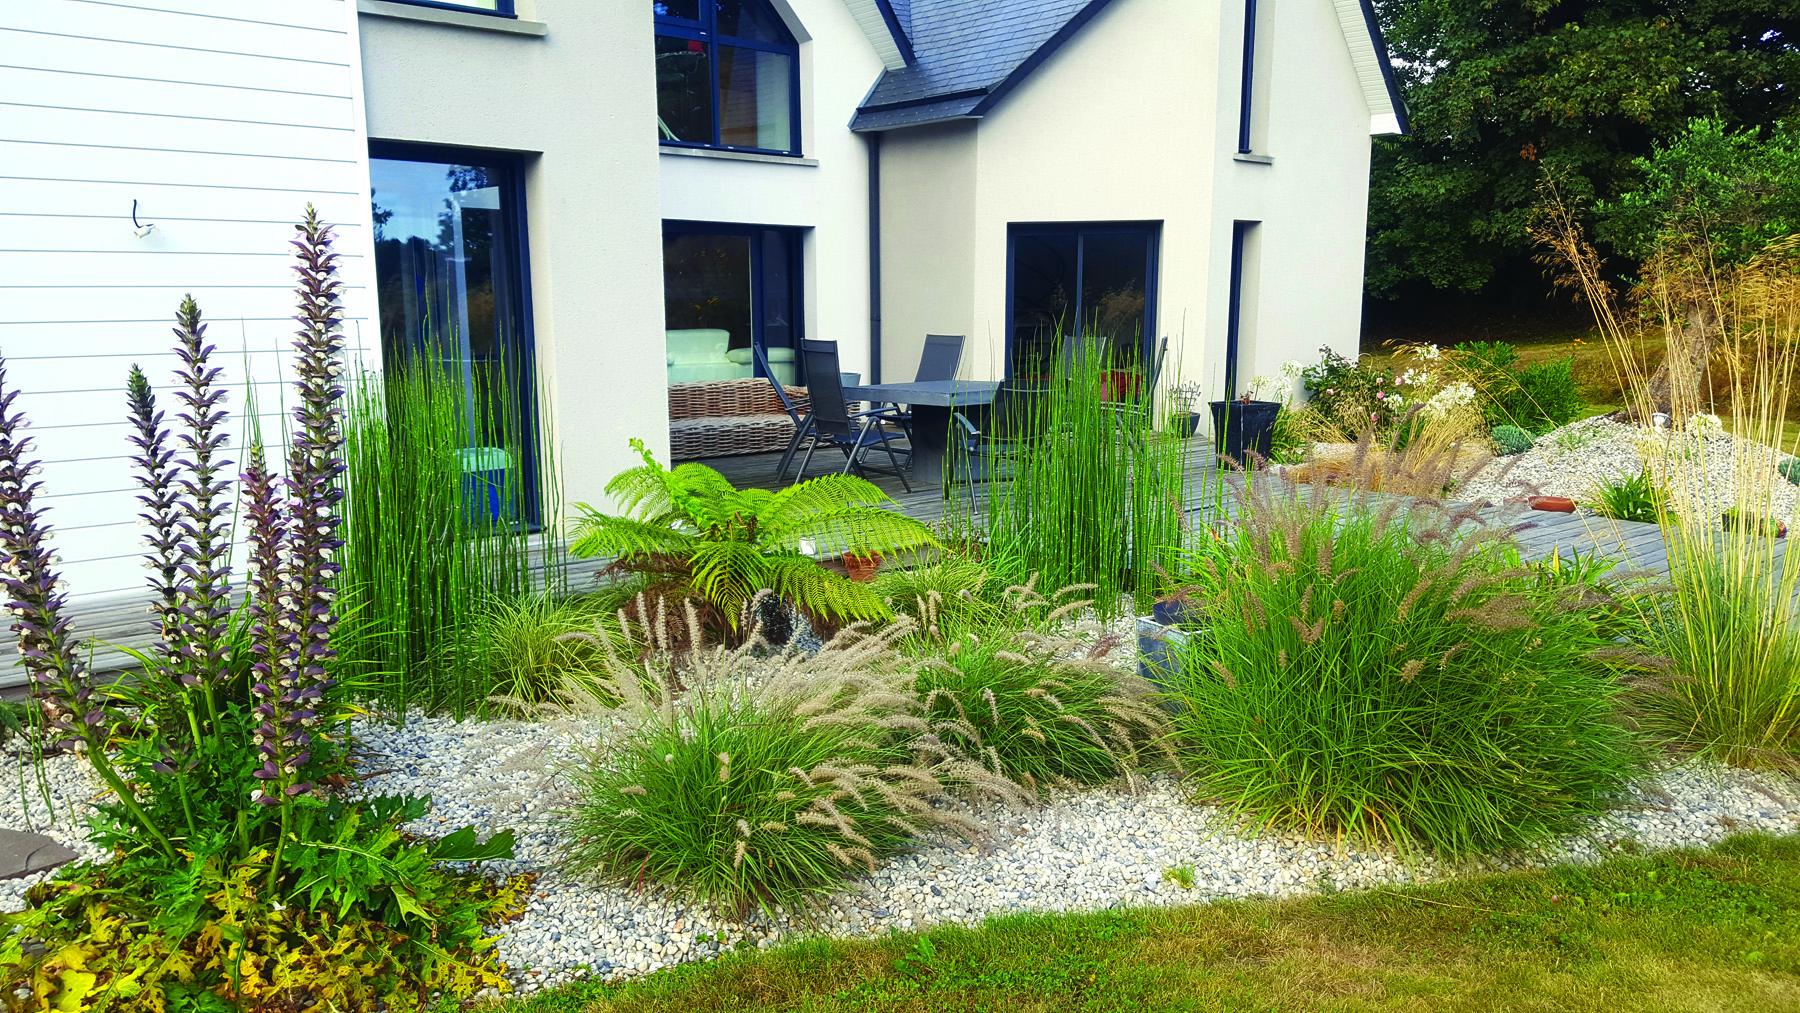 Plante Pour Jardin - Aménagement De Jardin   Paysages Conseil intérieur Amenagement Jardin Avec Graminees